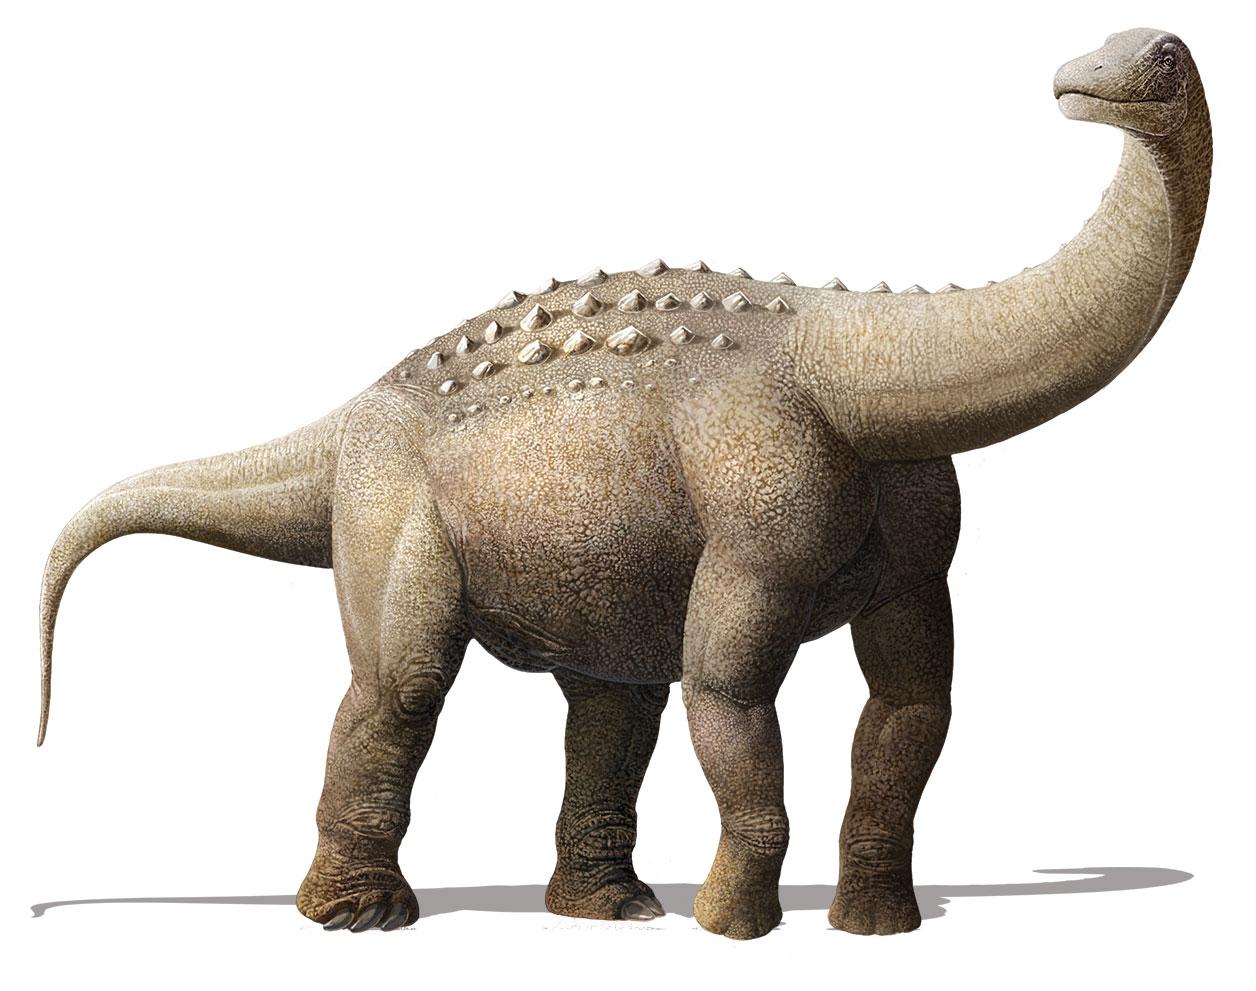 Titanosaurní sauropod druhu Yamanasaurus lojaensis, formálně popsaný roku 2019 z ekvádorského souvrství Río Playas. Tento zástupce čeledi Saltasauridae se stal prvním neptačím dinosaurem popsaným ze zmíněného státu a při svém stáří 66,9 milionu let p